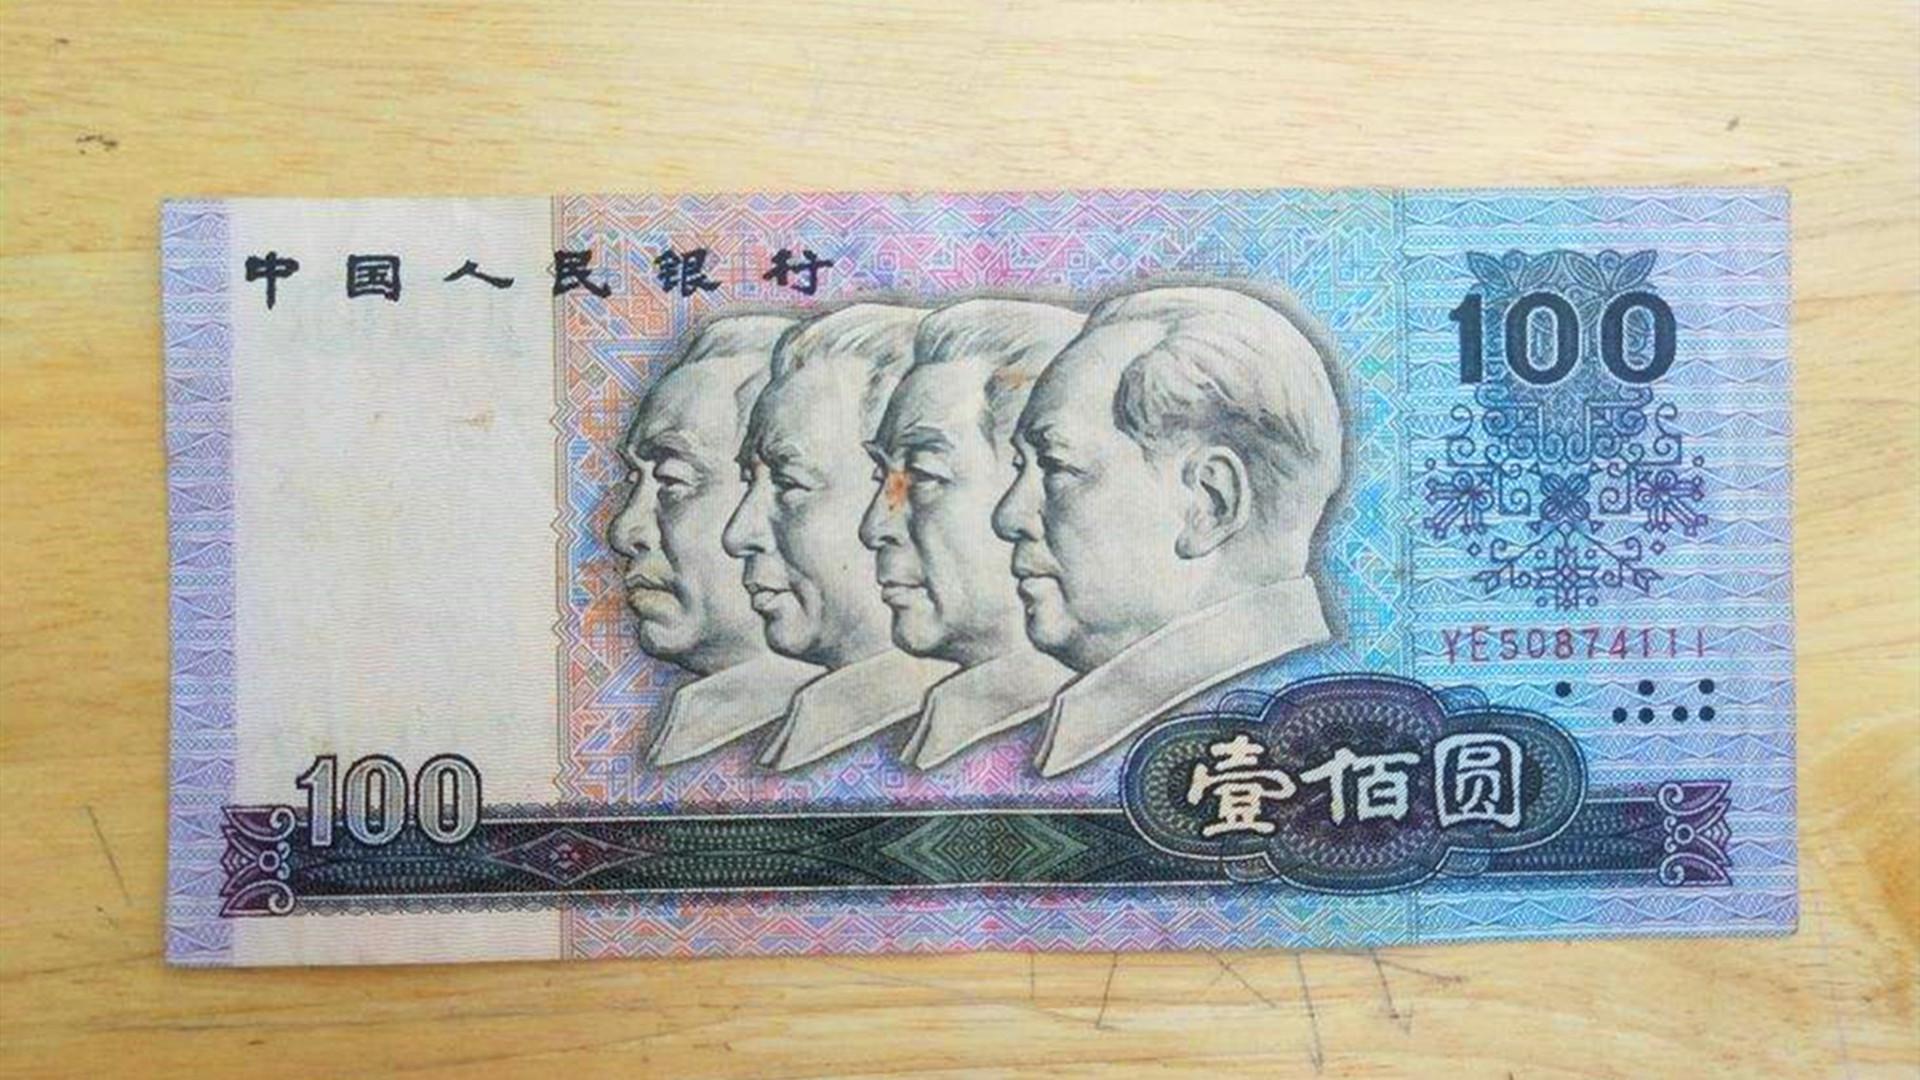 退市的100元纸币中,一张麒麟号报价59000元,谁有见过?